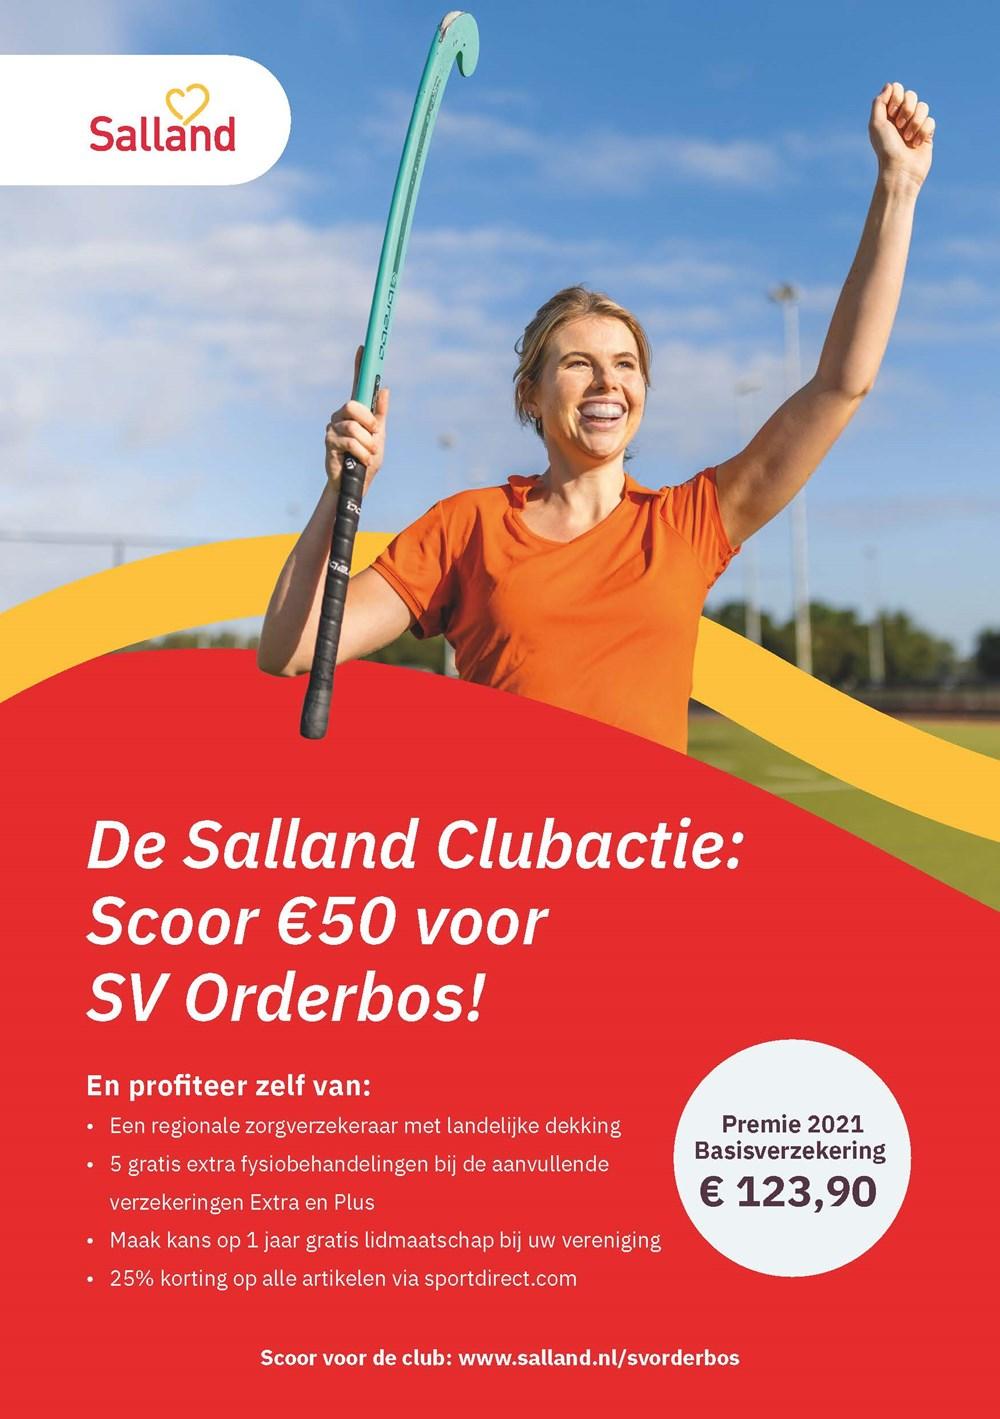 sv_Orderbos_-_Salland_Zorgverzekering_Pagina_1.jpg